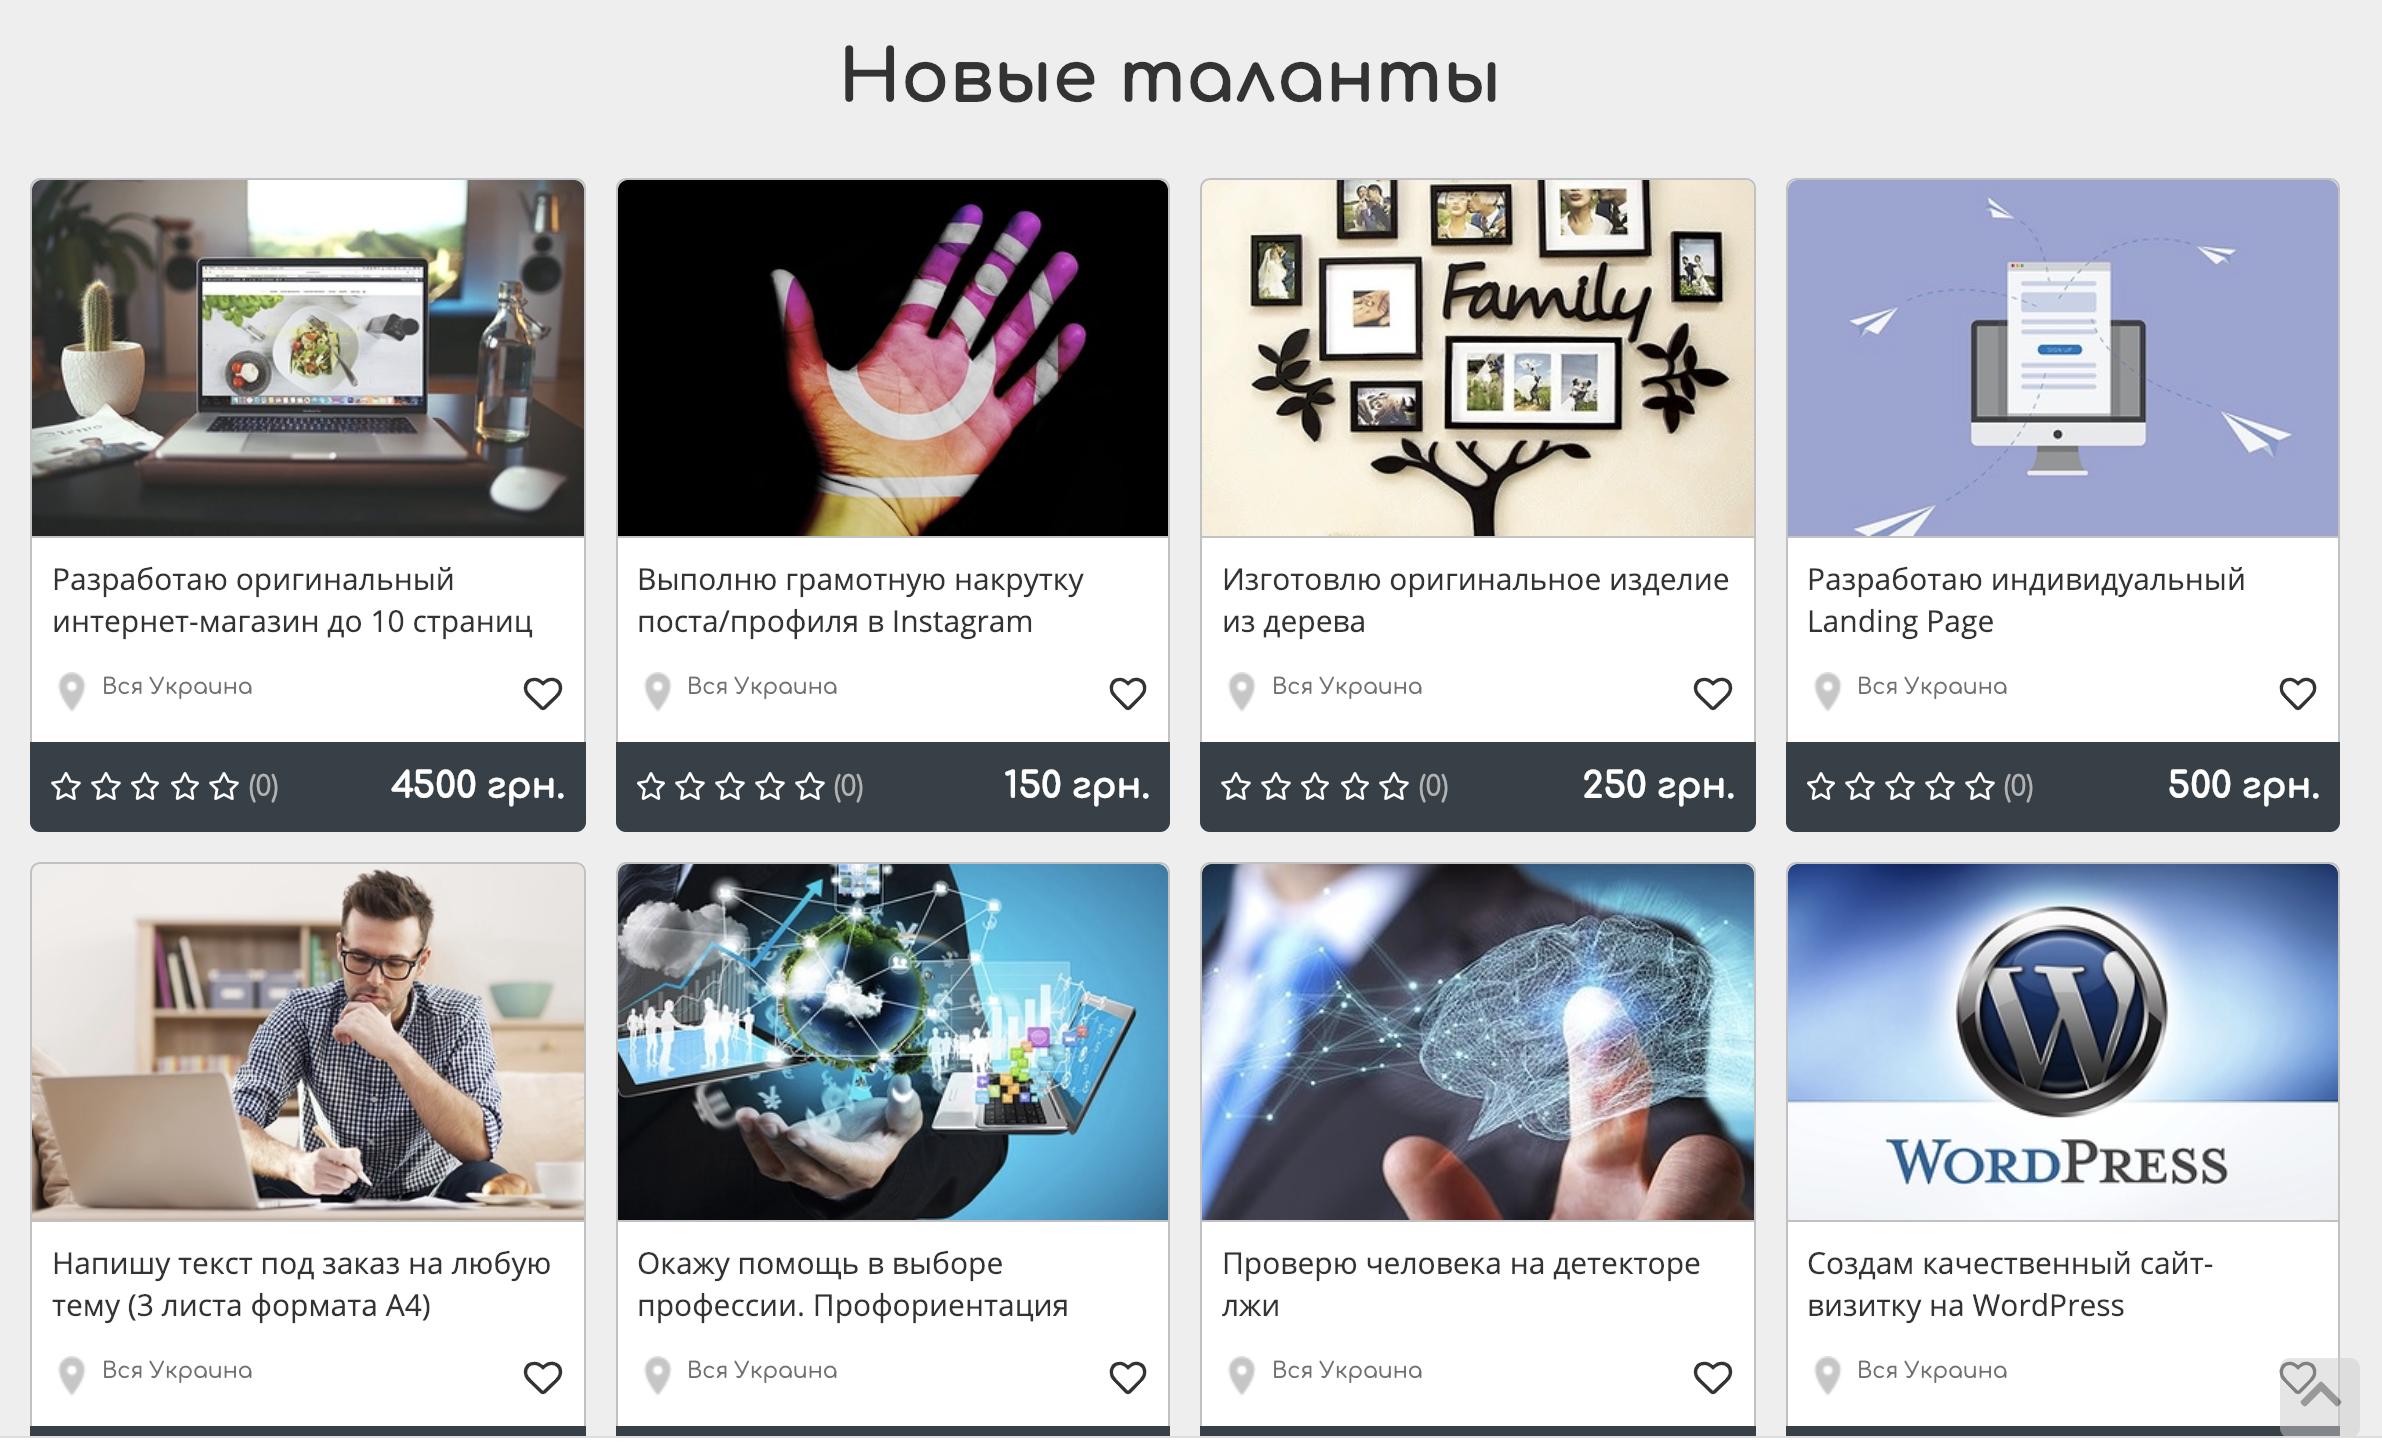 Самый большой интернет магазин услуг в Украине